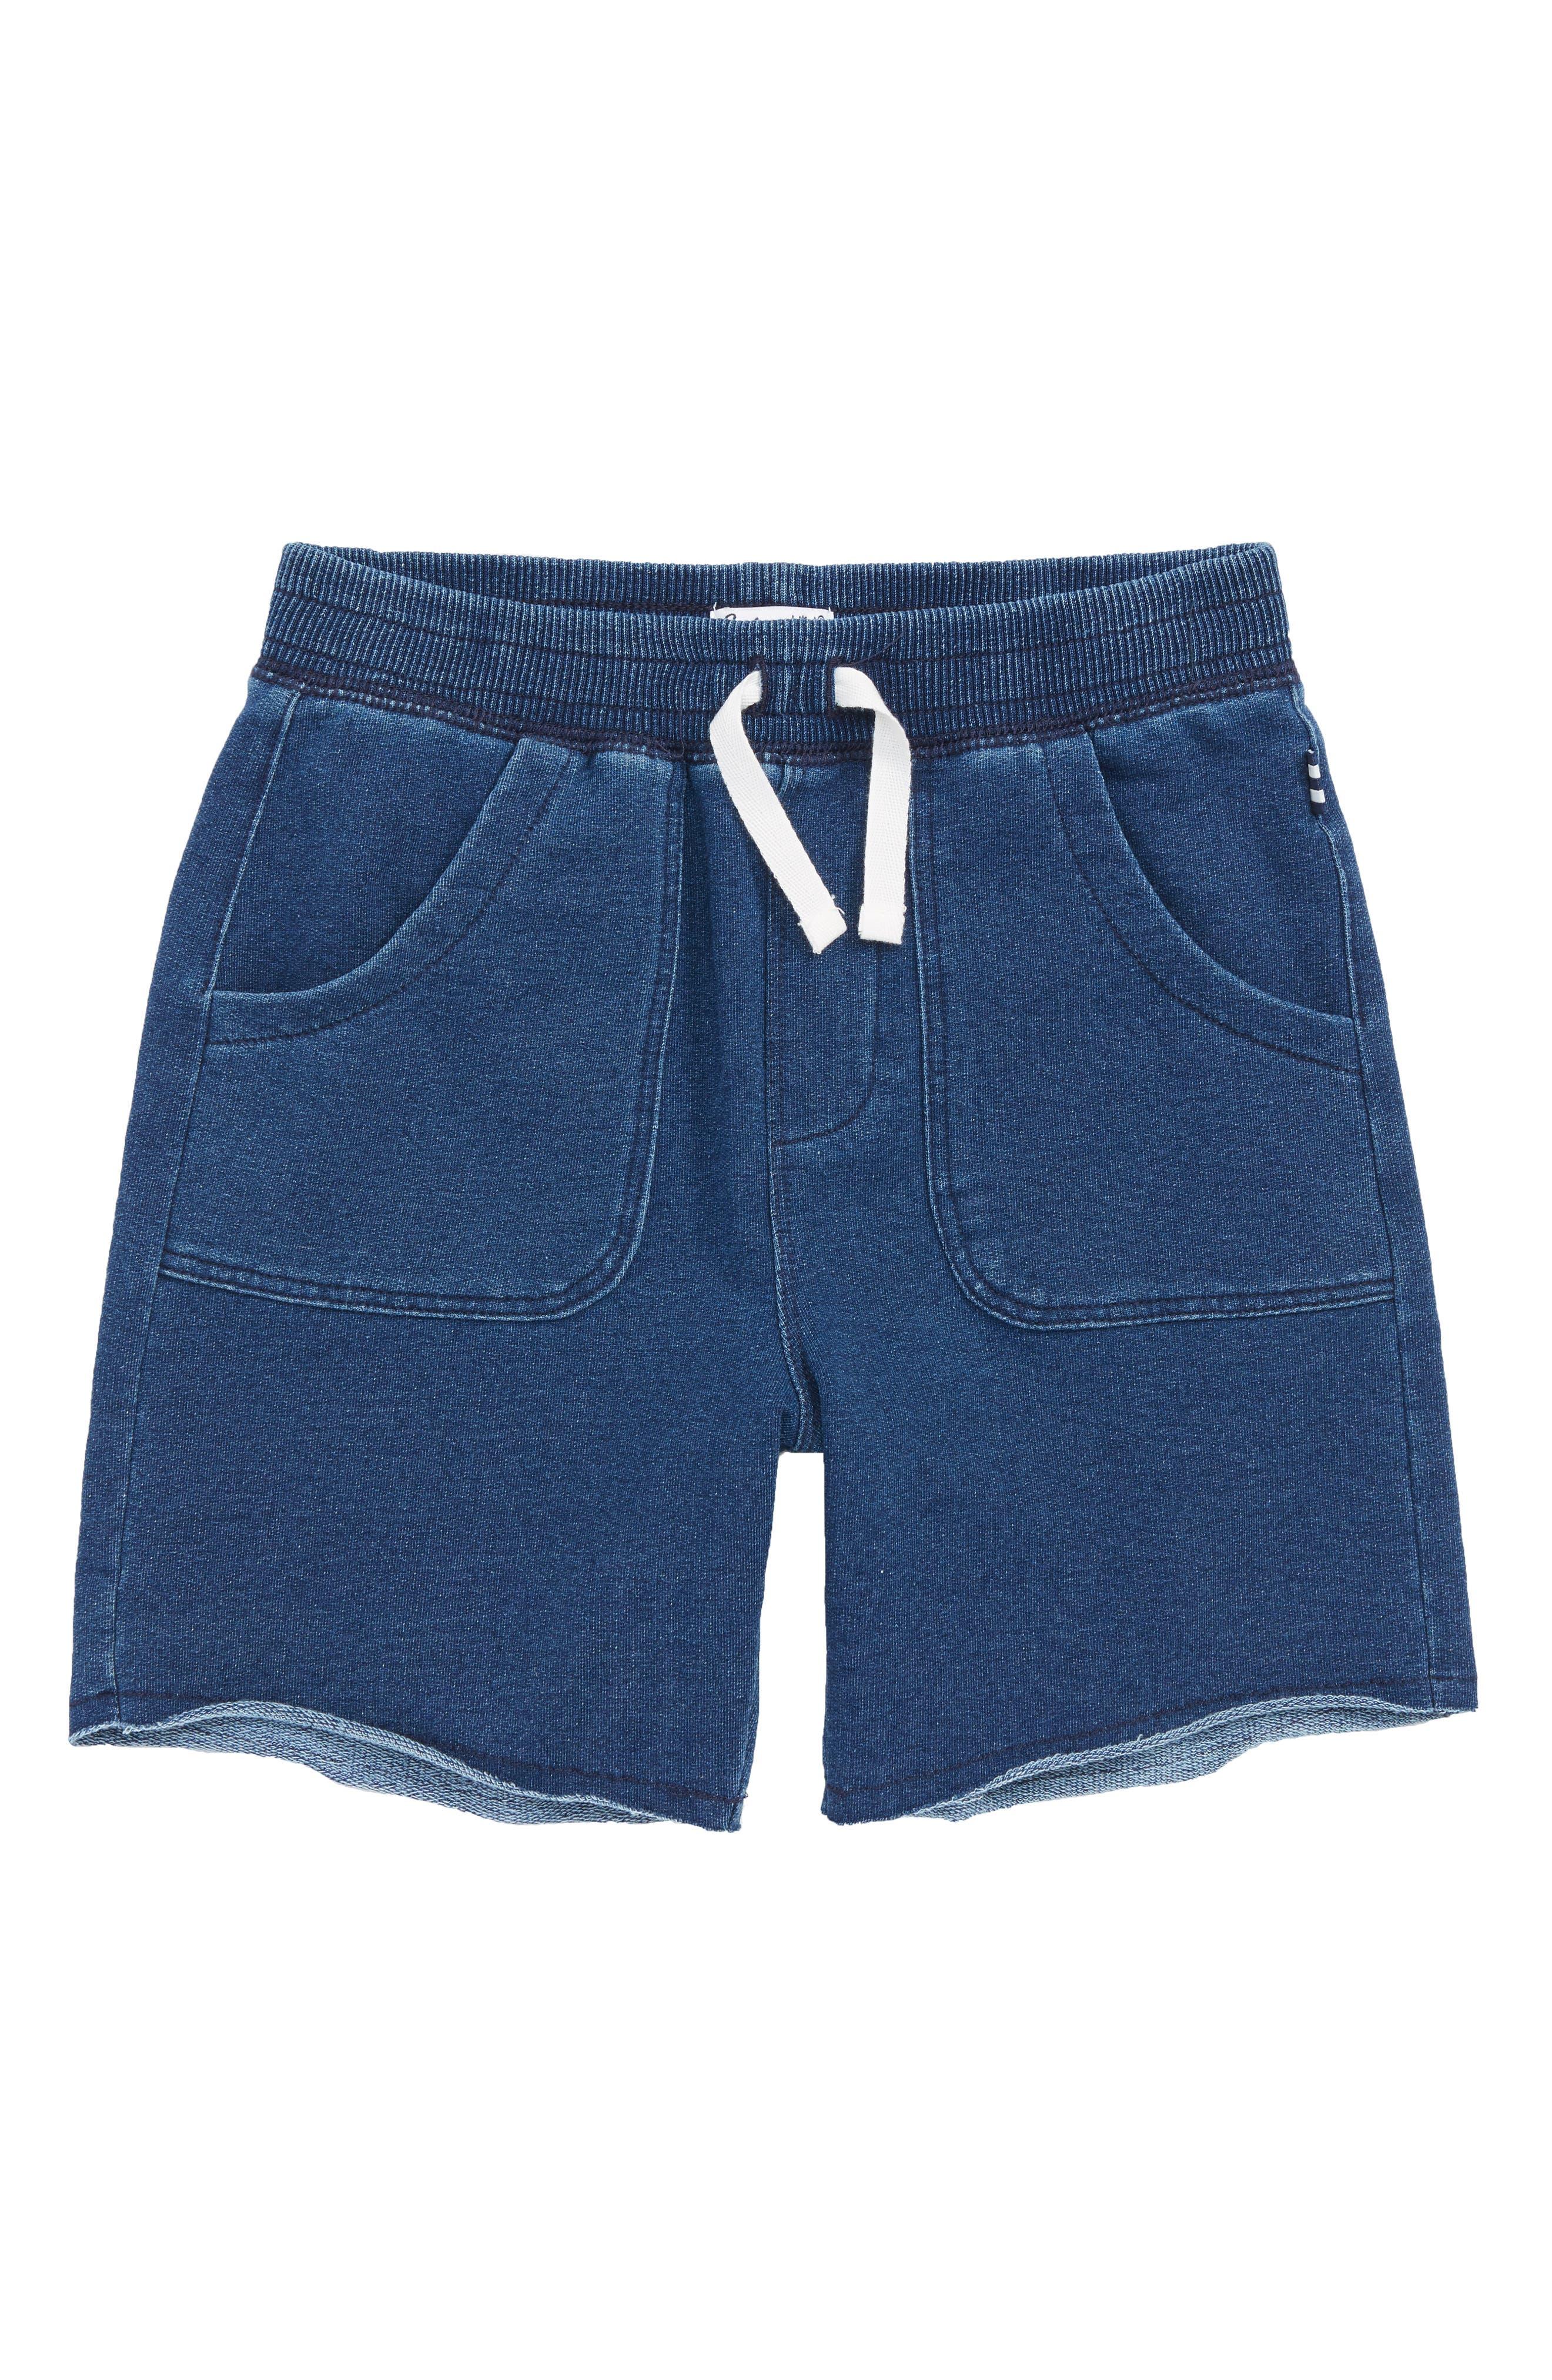 Stonewashed French Terry Shorts,                         Main,                         color, MED STONE INDIGO